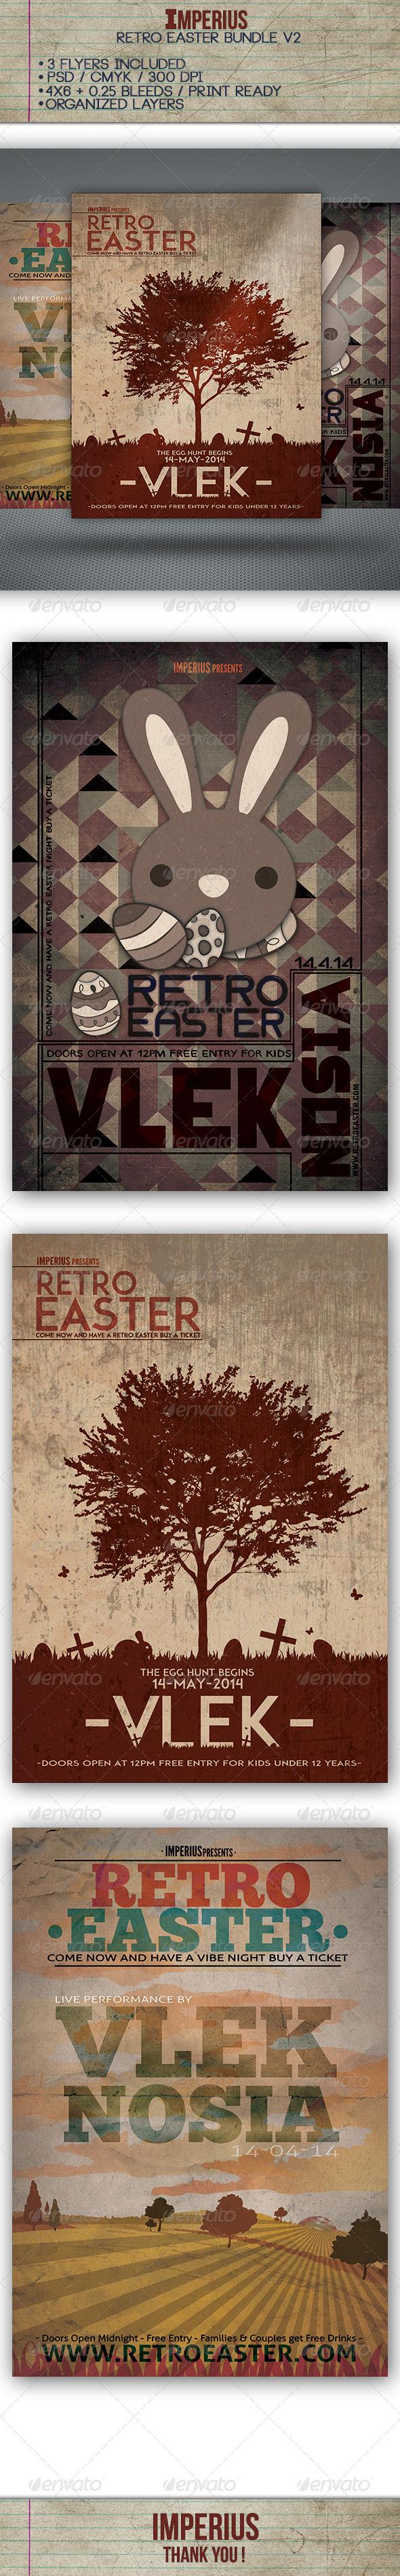 GraphicRiver Retro Easter Bundle V2 7498893